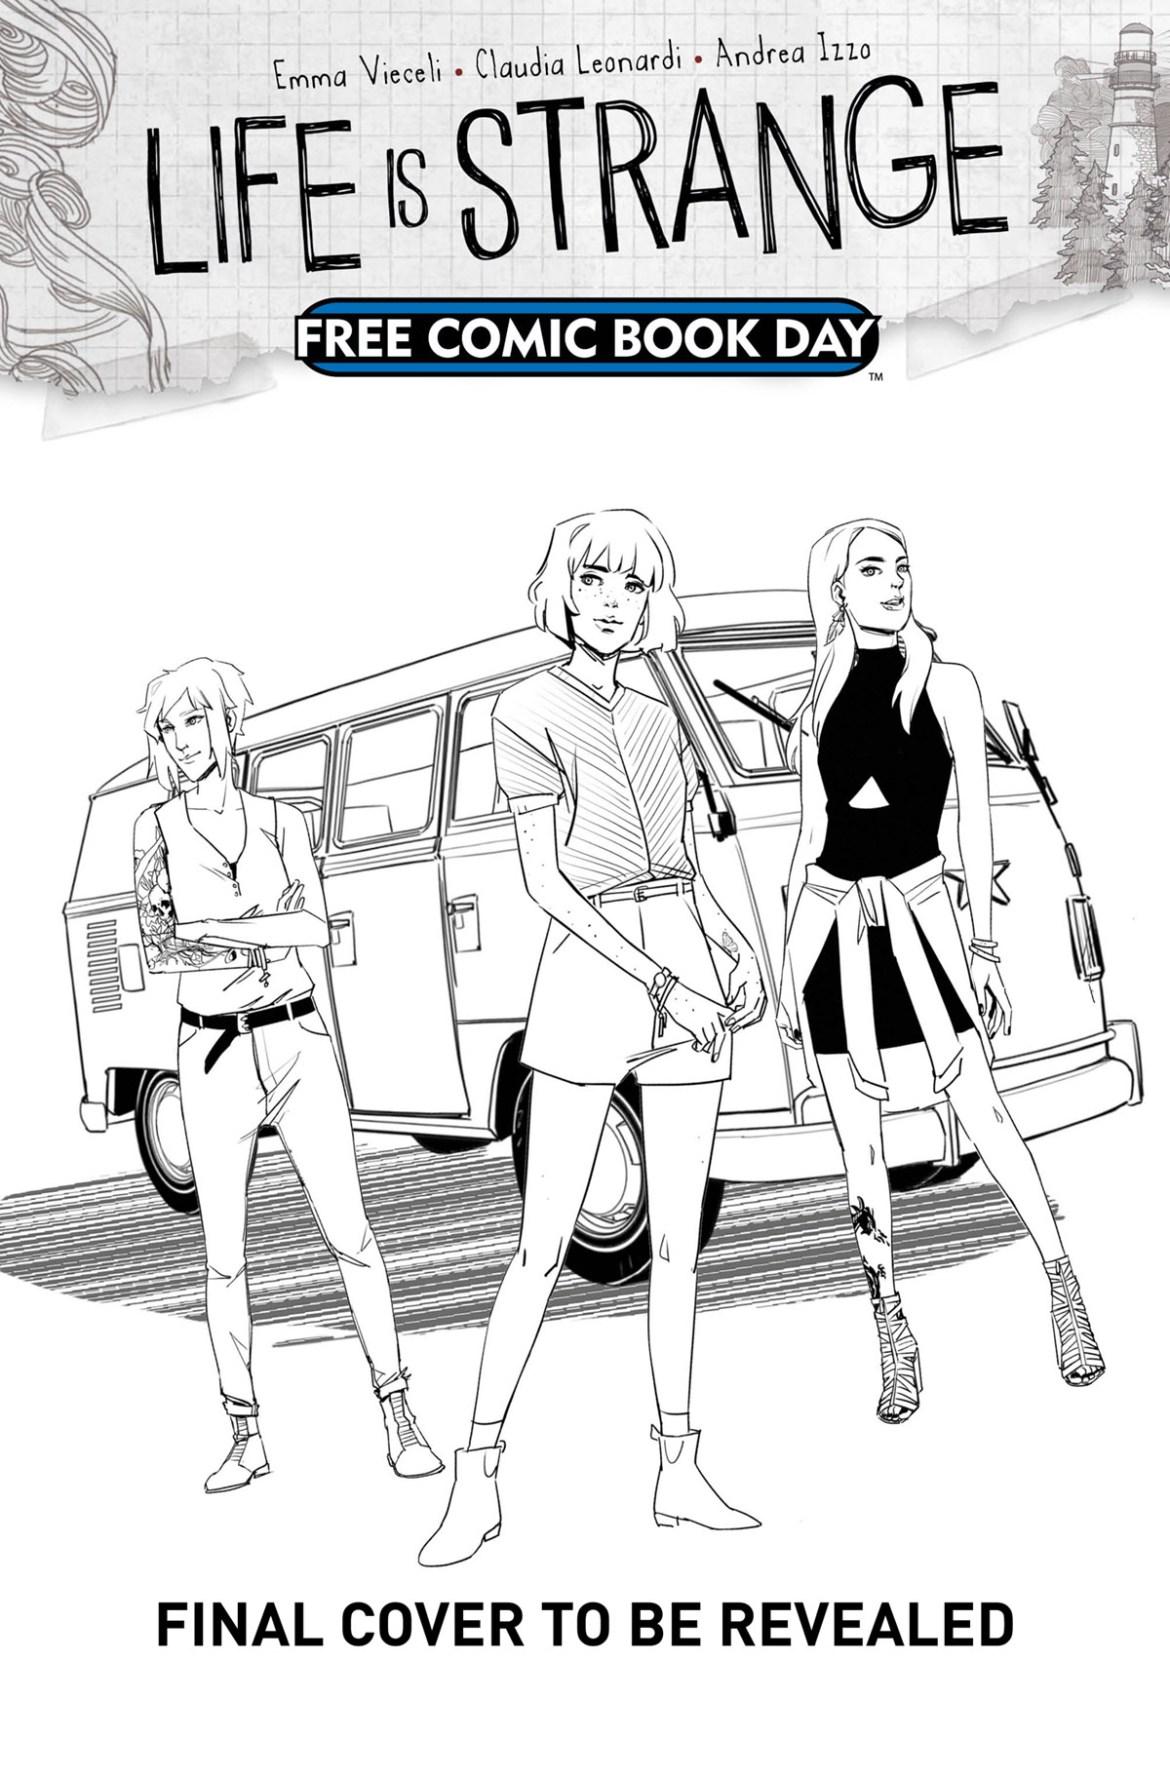 FCBD21_SILVER_Titan-Comics_FCBD21-Life-is-Strange Complete Free Comic Book Day 2021 comic book line-up announced